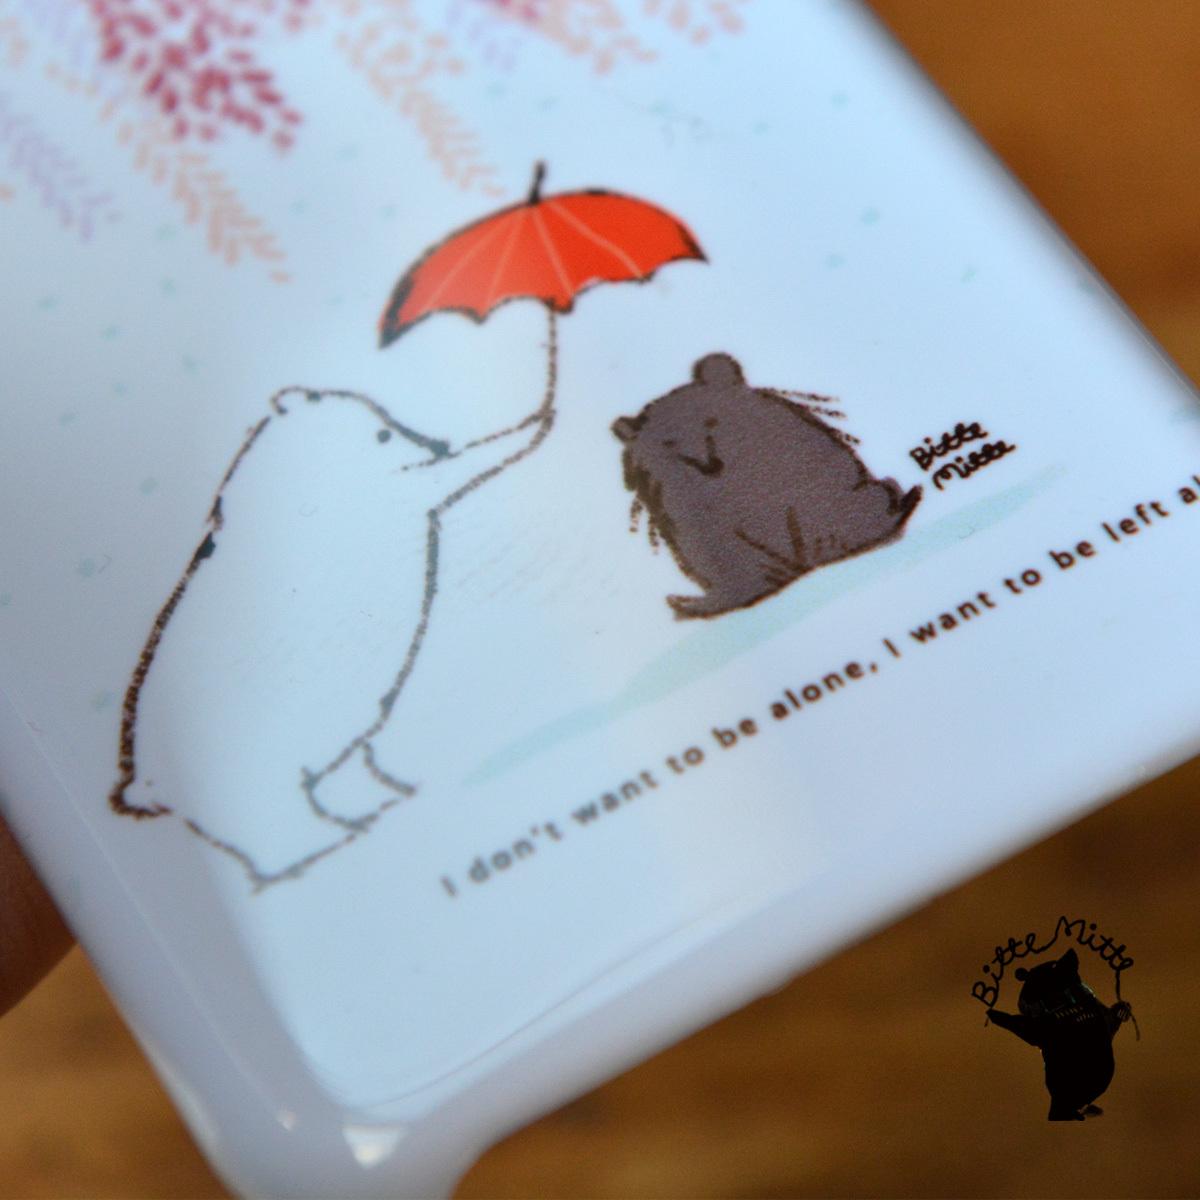 【訳あり】iphone8 ケース ハード iphone8 ハードケース かわいい iphone8 ケース シンプル おしゃれ くま クマ 雨が降る/Bitte Mitte!【bm-iph8-08211-B1】